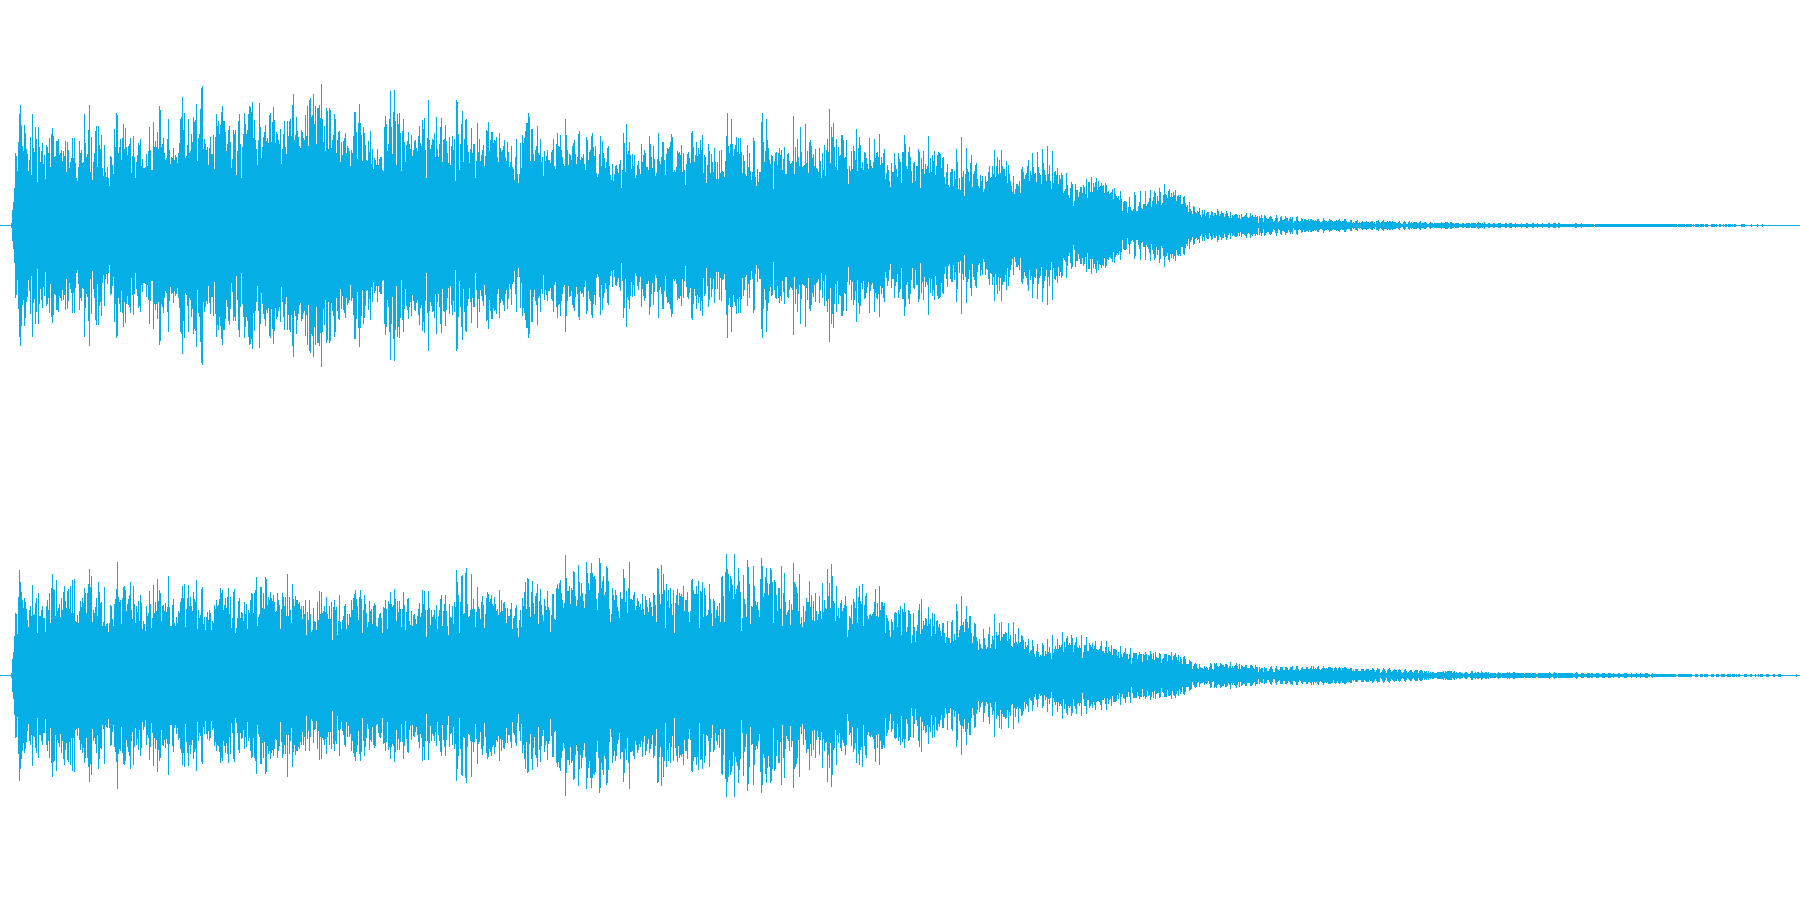 摩擦音や鳴き声等多用途に使える効果音ですの再生済みの波形